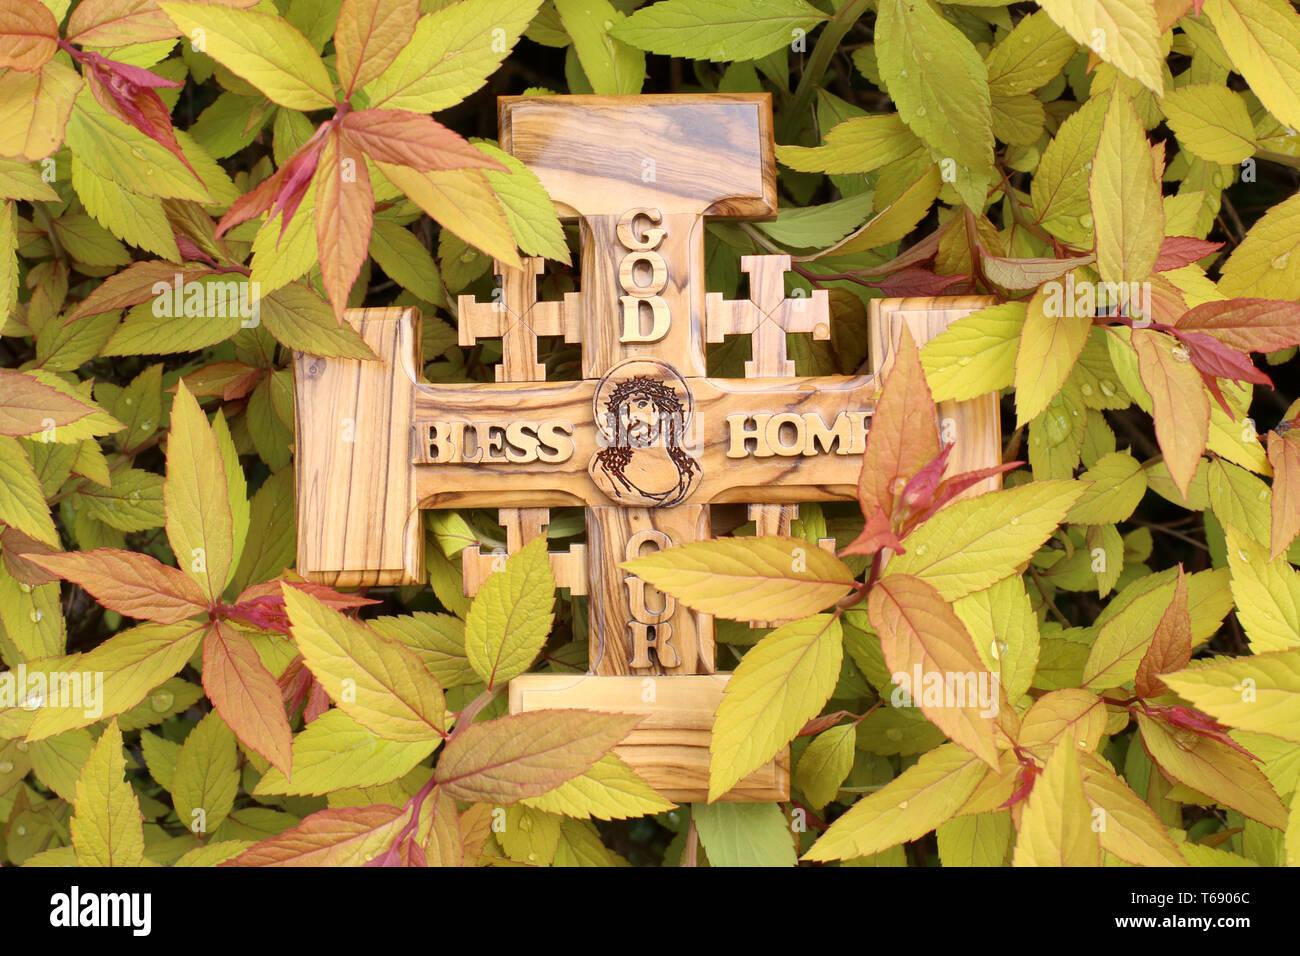 Feuillage Stockfotos & Feuillage Bilder - Alamy